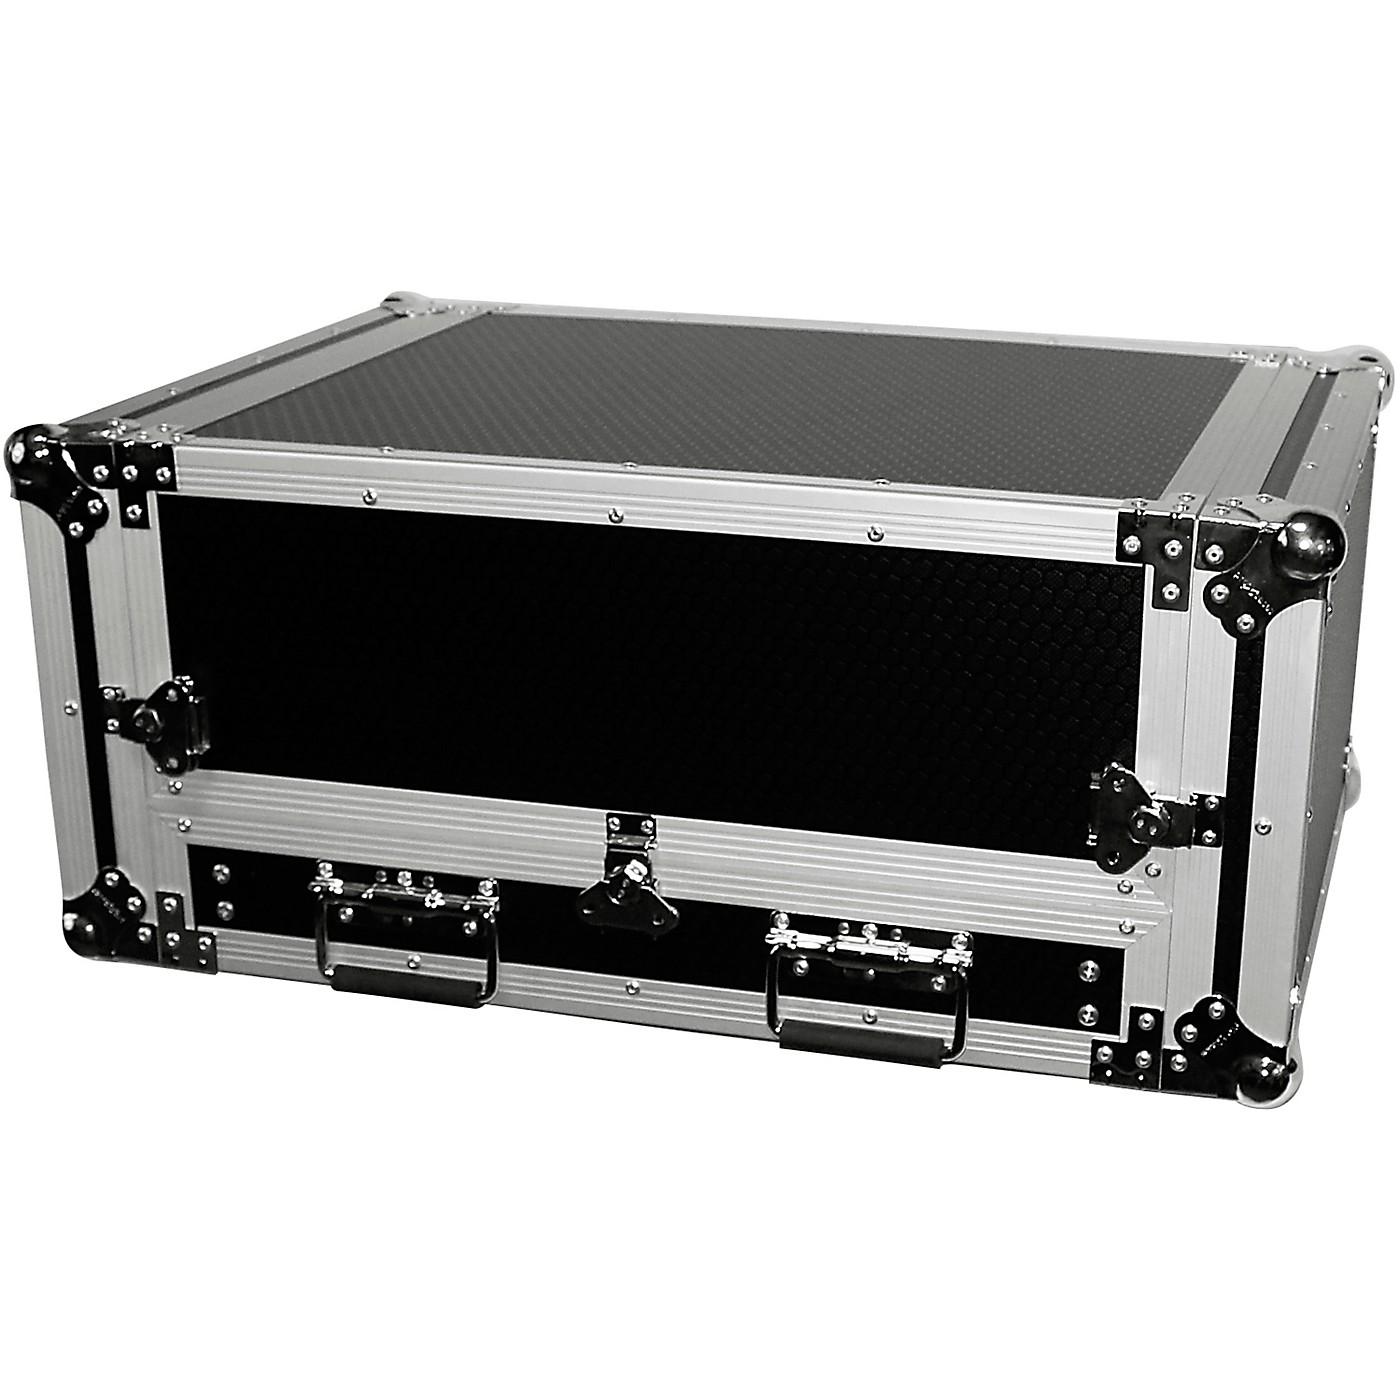 ProX 2U Rack x 13U Top Mixer DJ Combo Flight Case with Laptop Shelf thumbnail